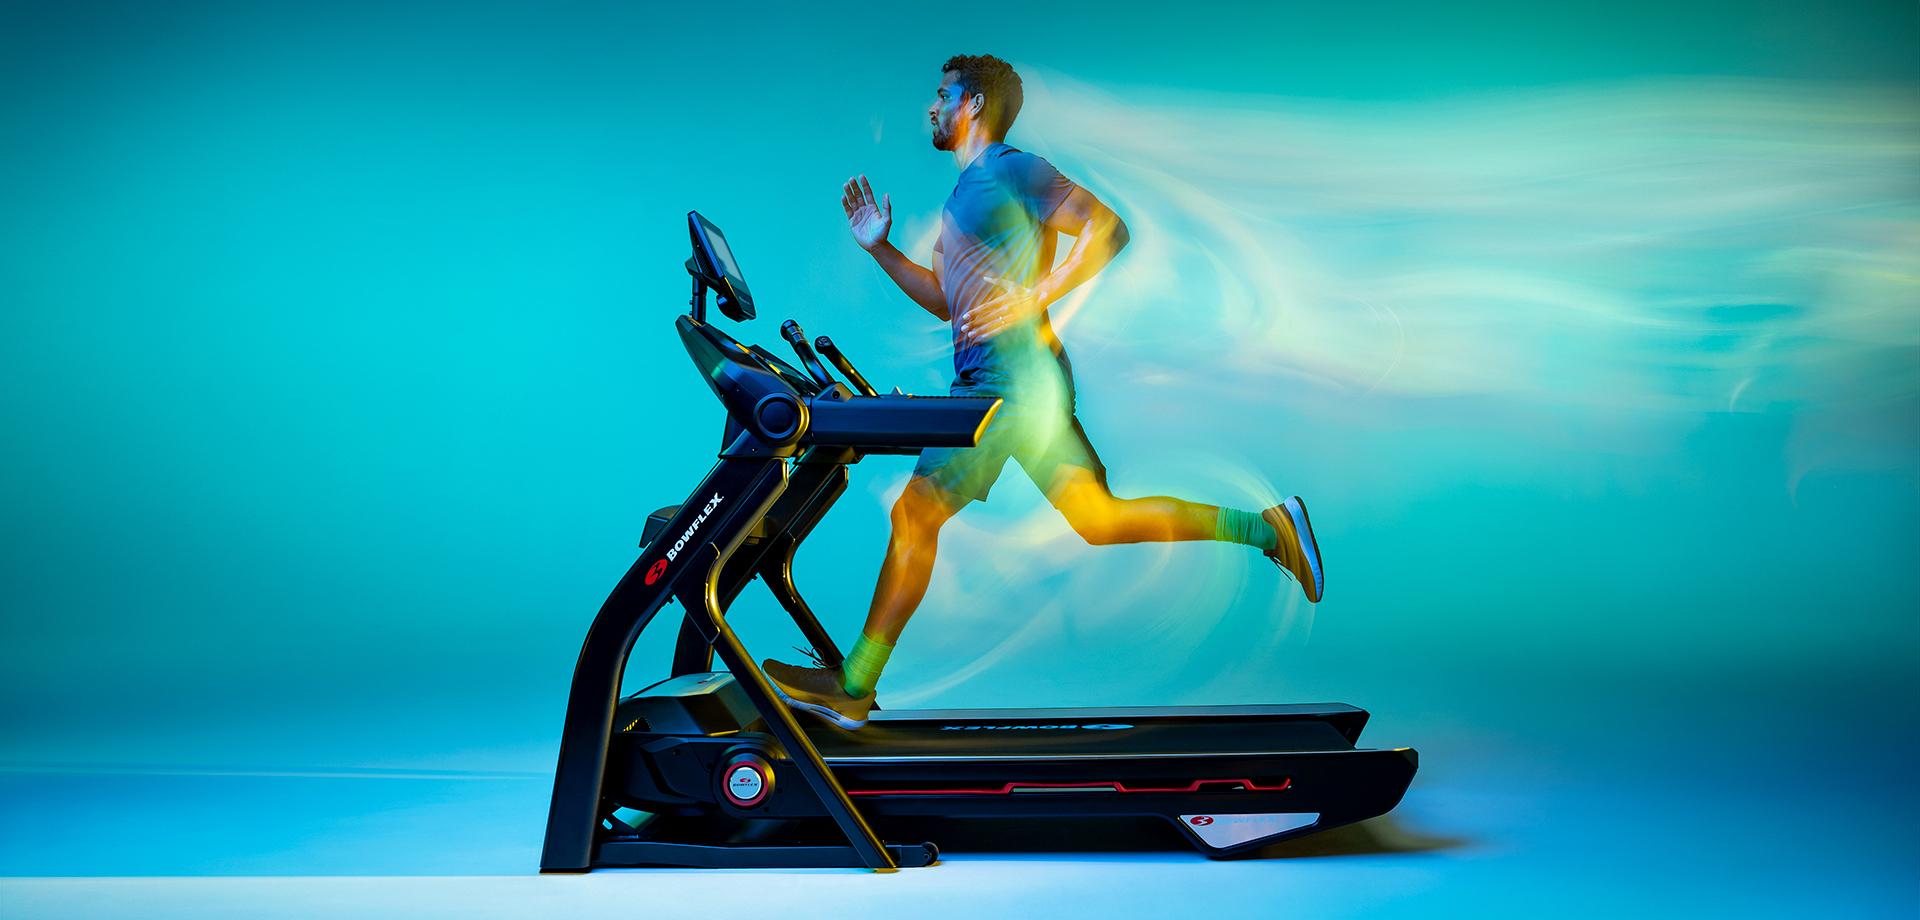 Man running on Treadmill 10